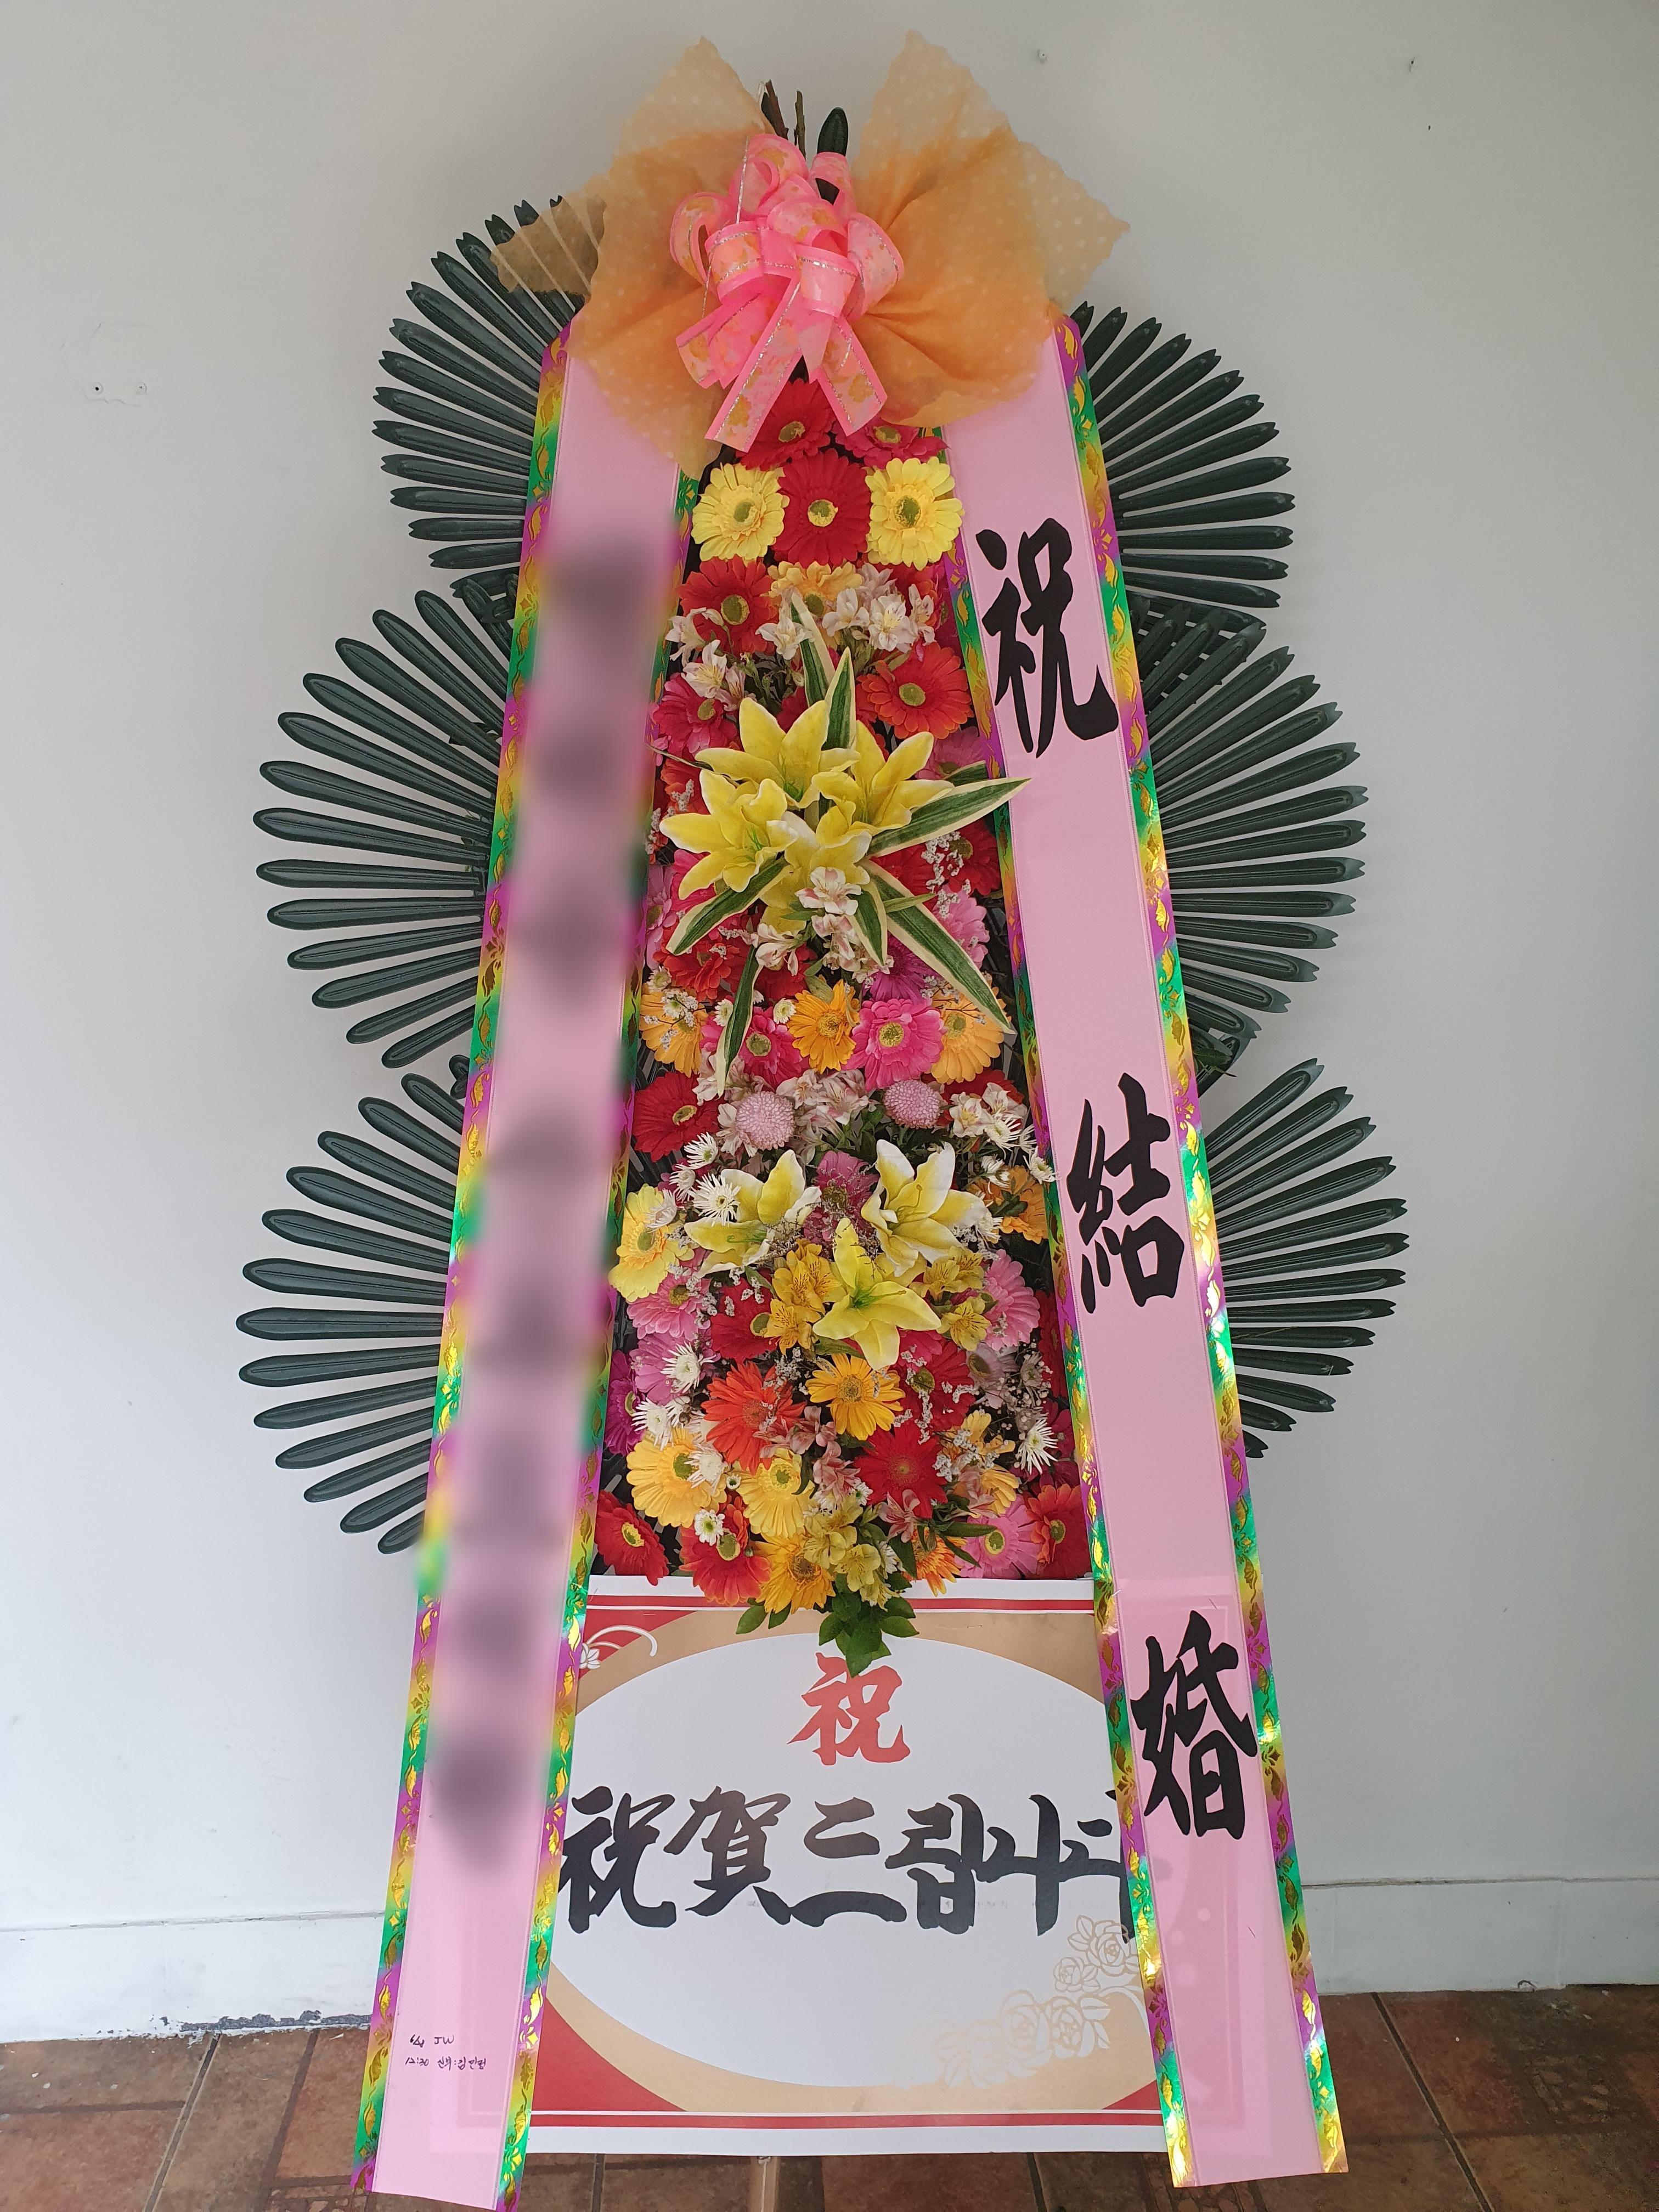 주문자 김ㅇㅇ 경남 김해시 배송사진입니다.